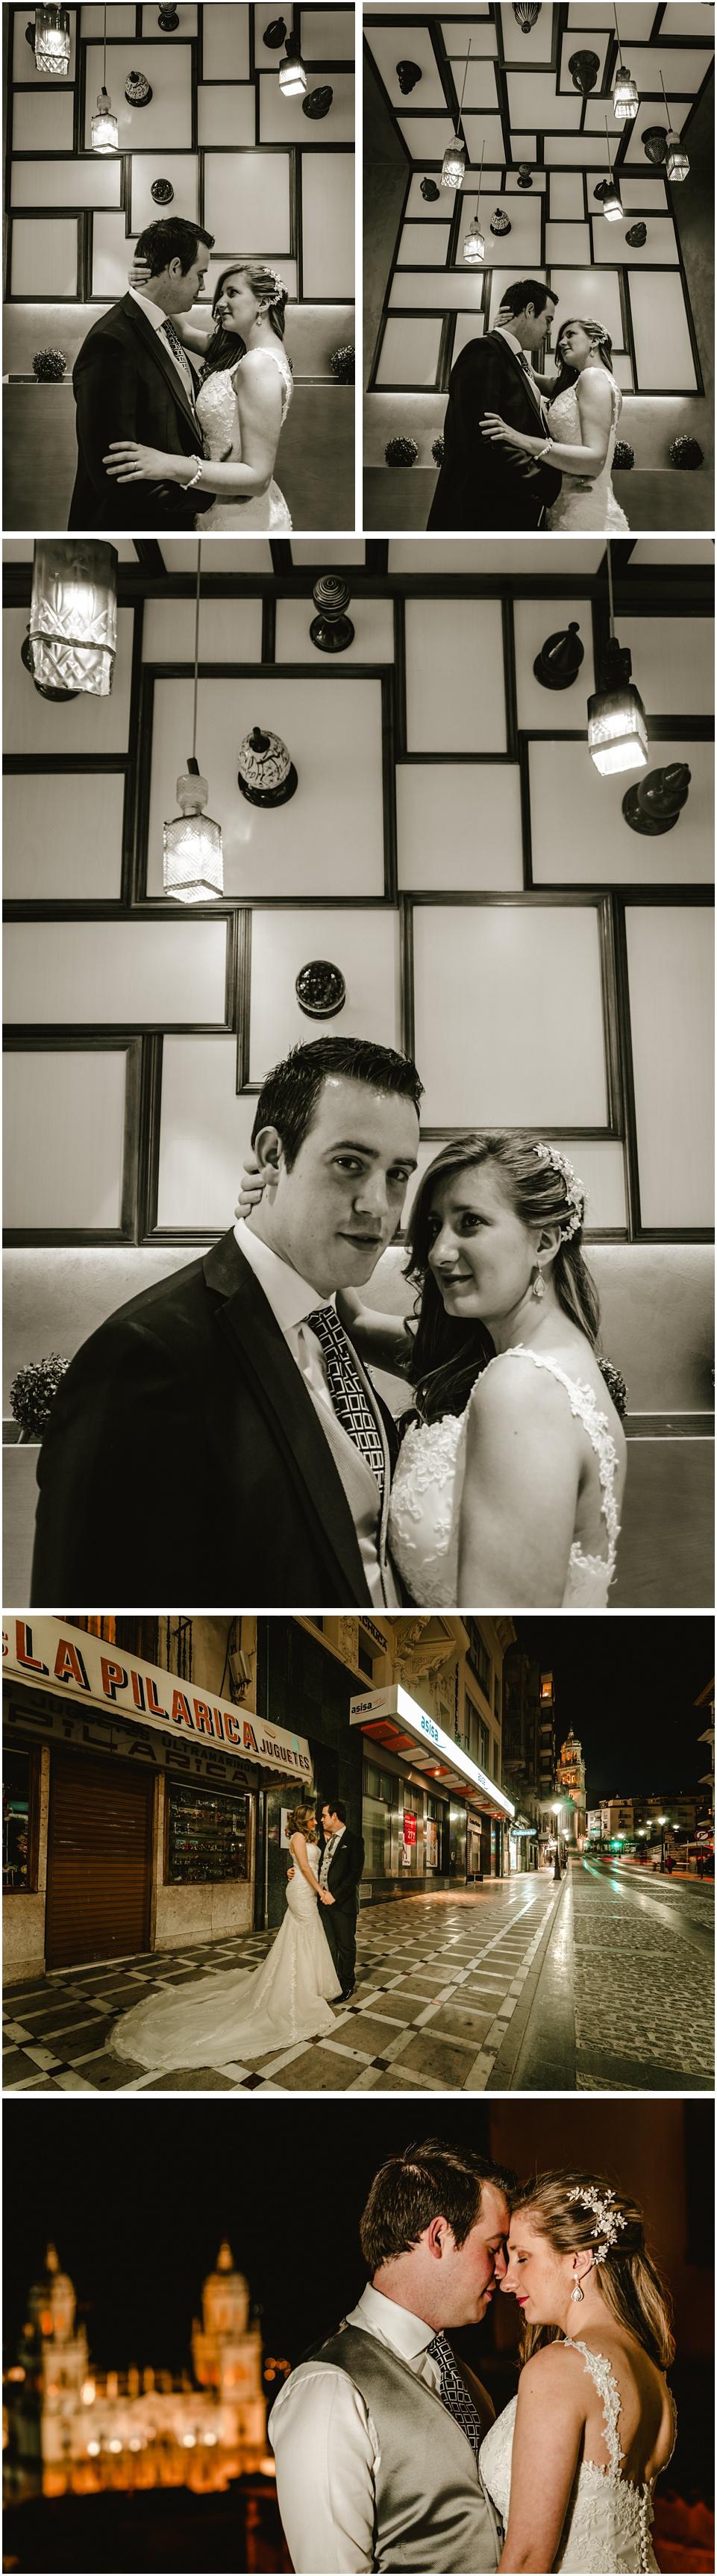 Postboda en ubeda,fotografia de boda en ubeda,fotografo de boda,fotografo de bodas ubeda,fotografos de boda en jaen,postboda en jaen,postboda originales,ubeda,